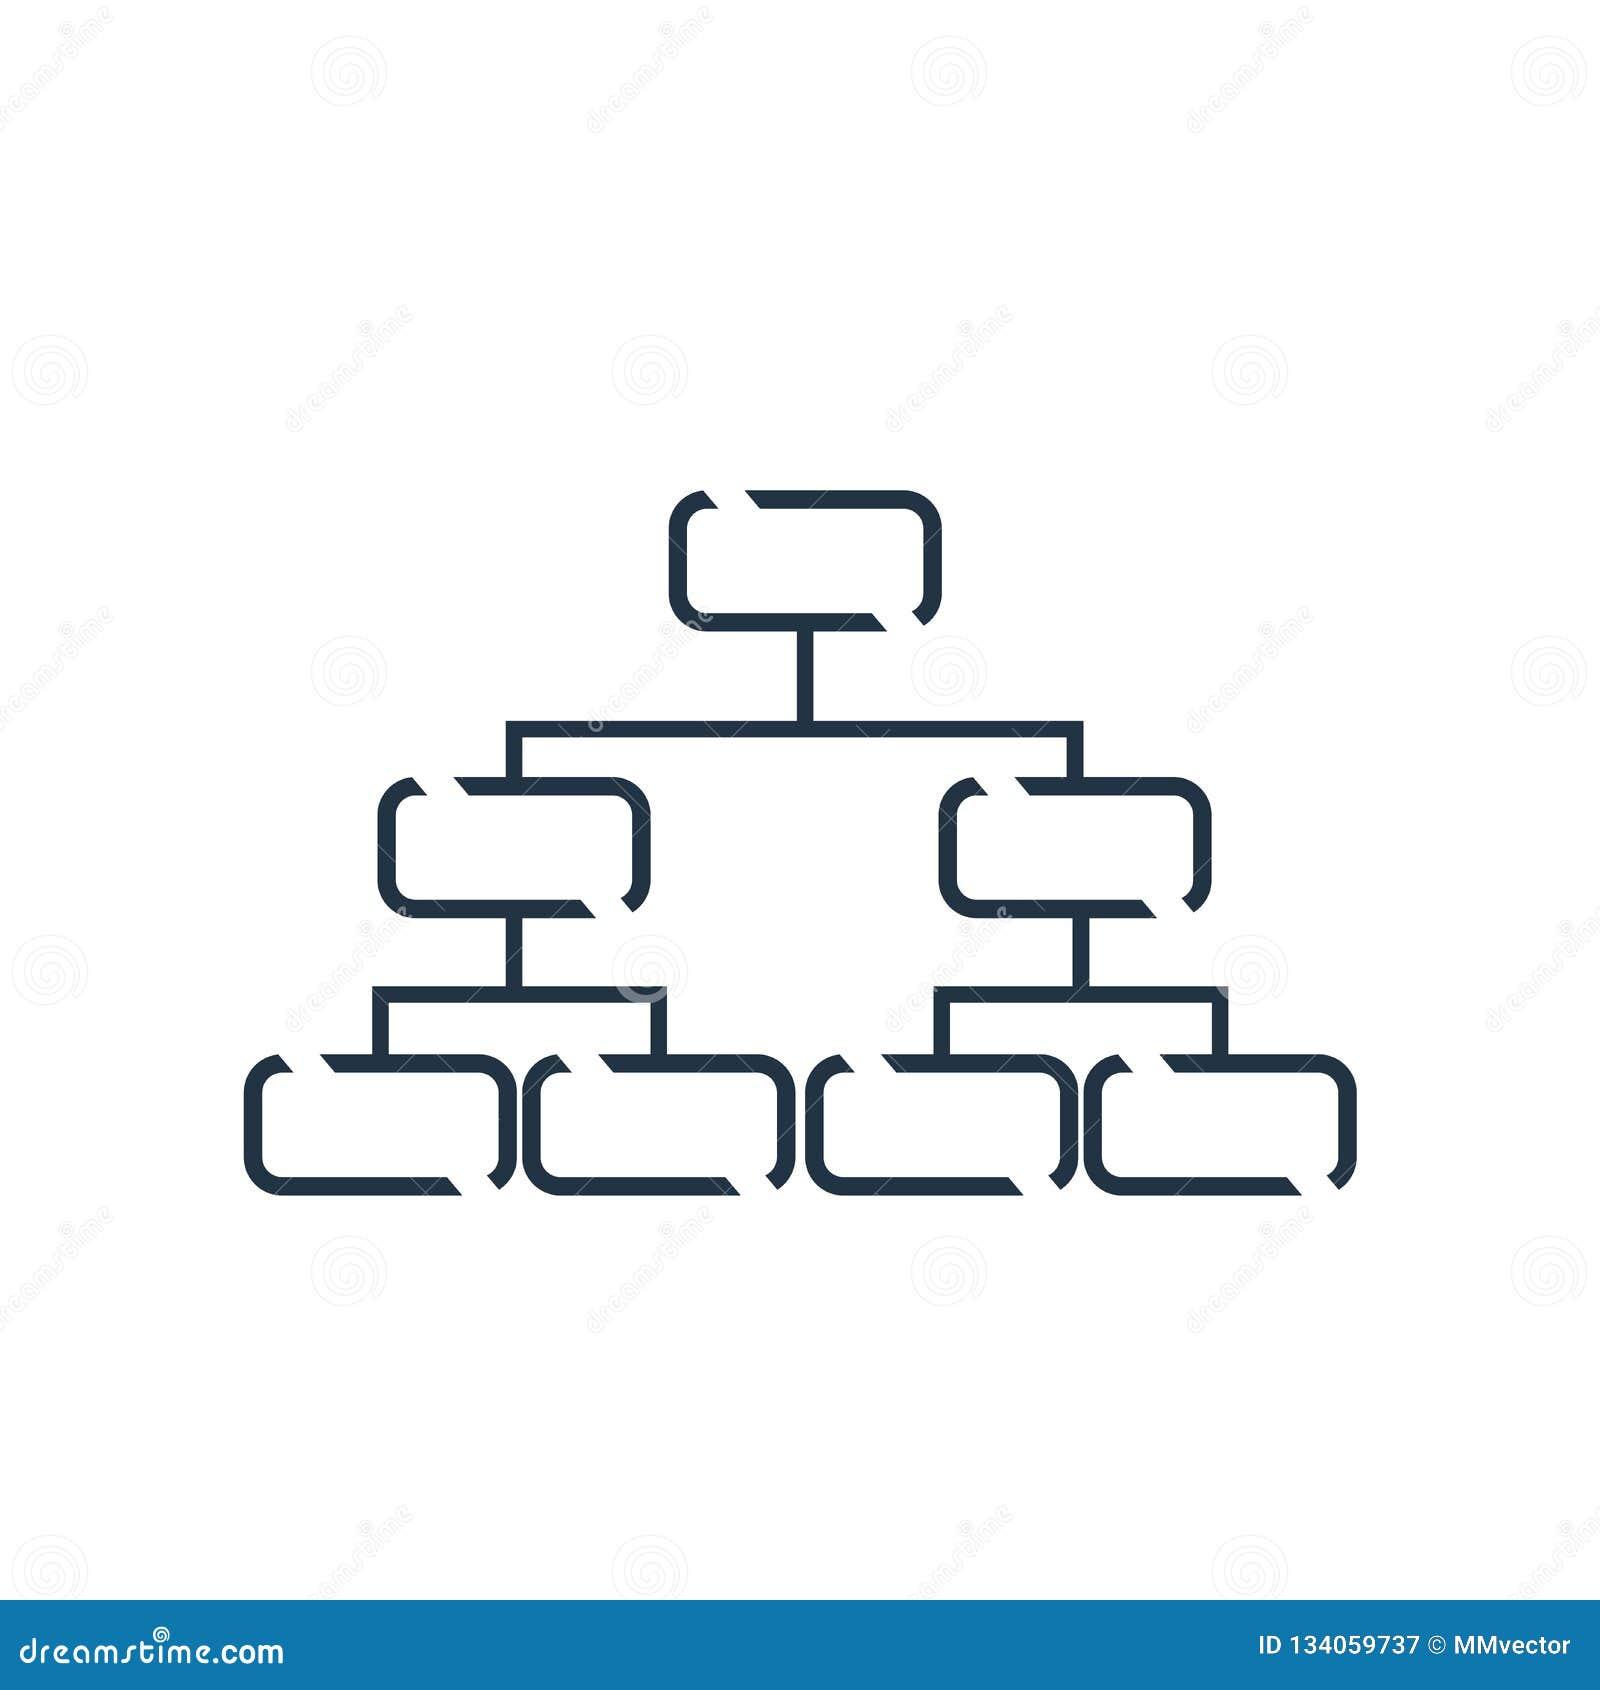 Baumstrukturikonenvektor lokalisiert auf weißem Hintergrund, Baumstrukturzeichen